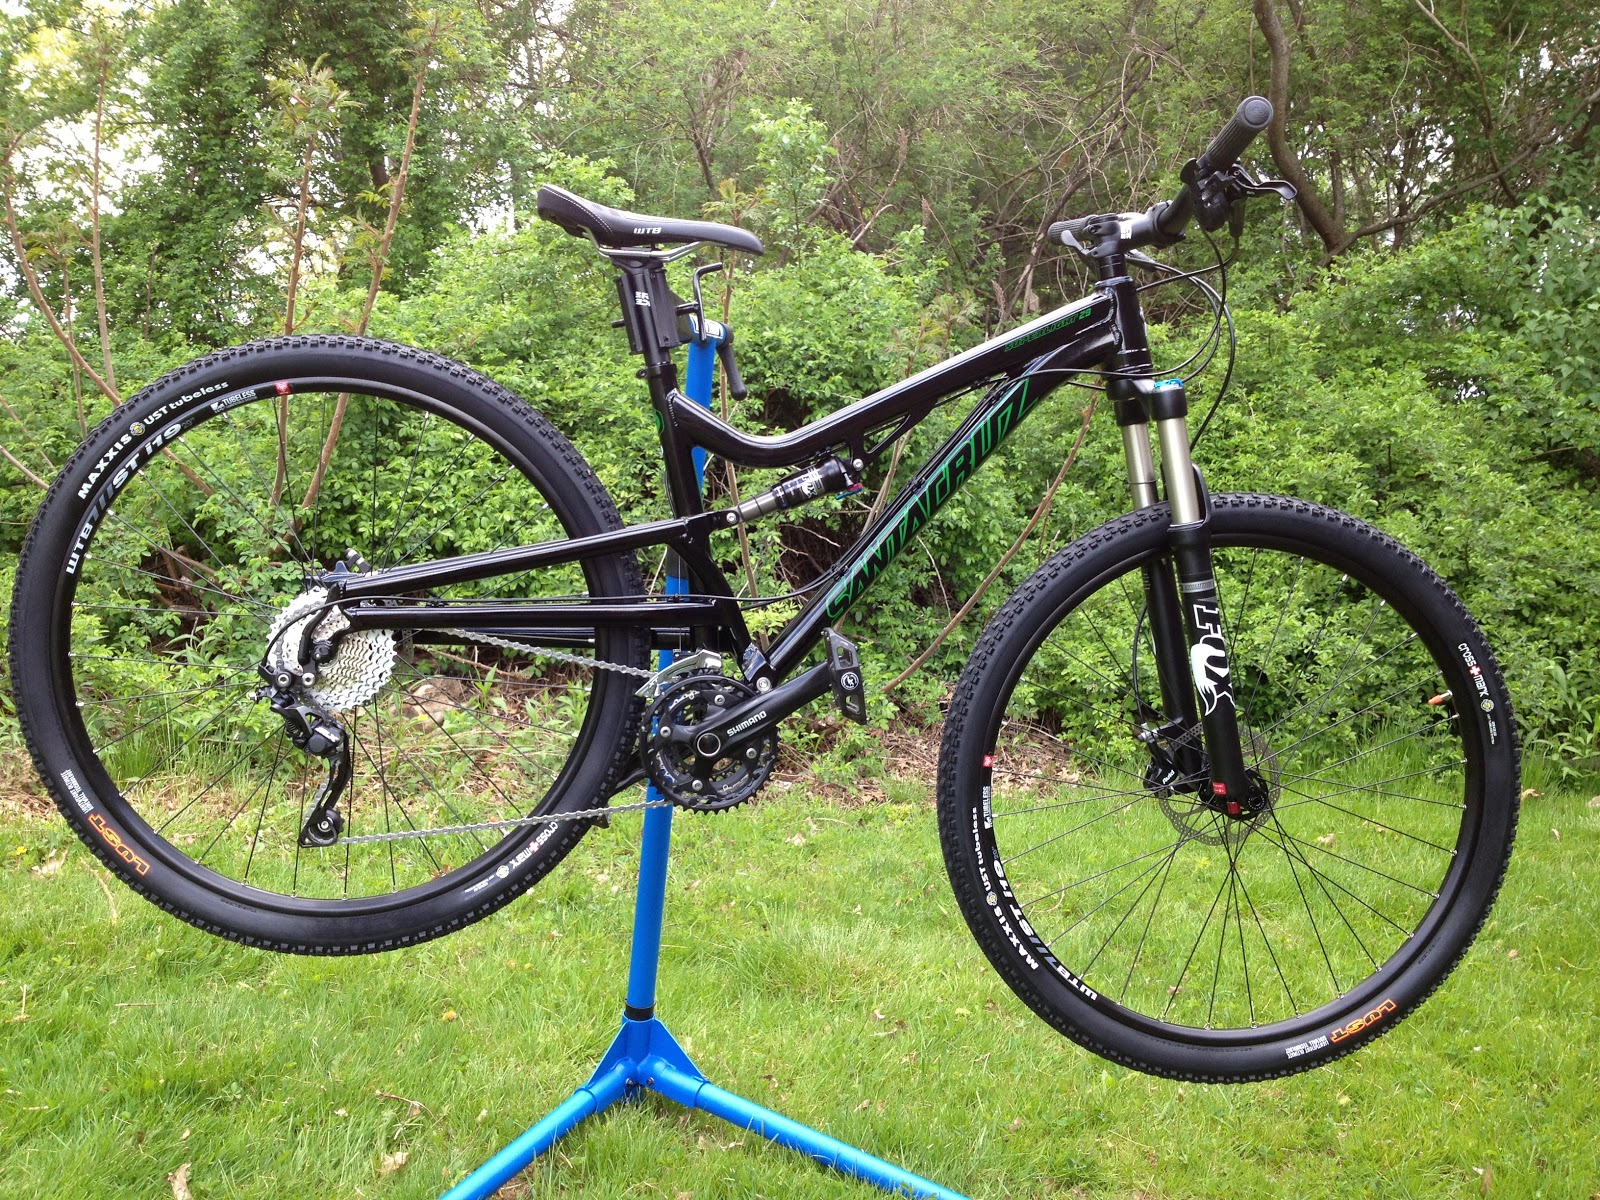 Cutting Edge Mountain Bikes: Santa Cruz Superlight 29